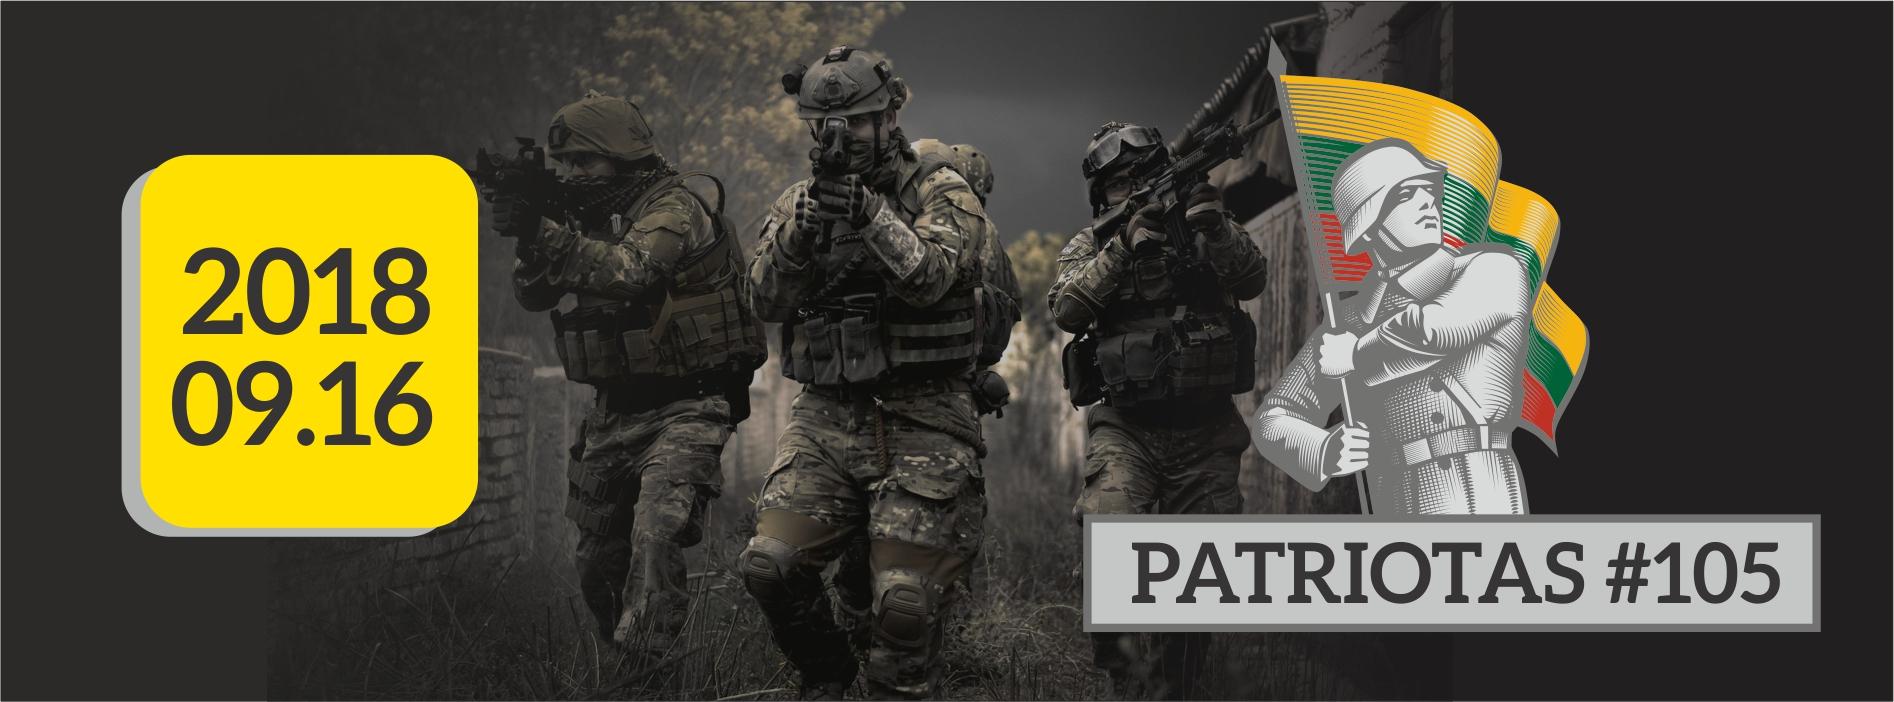 patriotas105-1